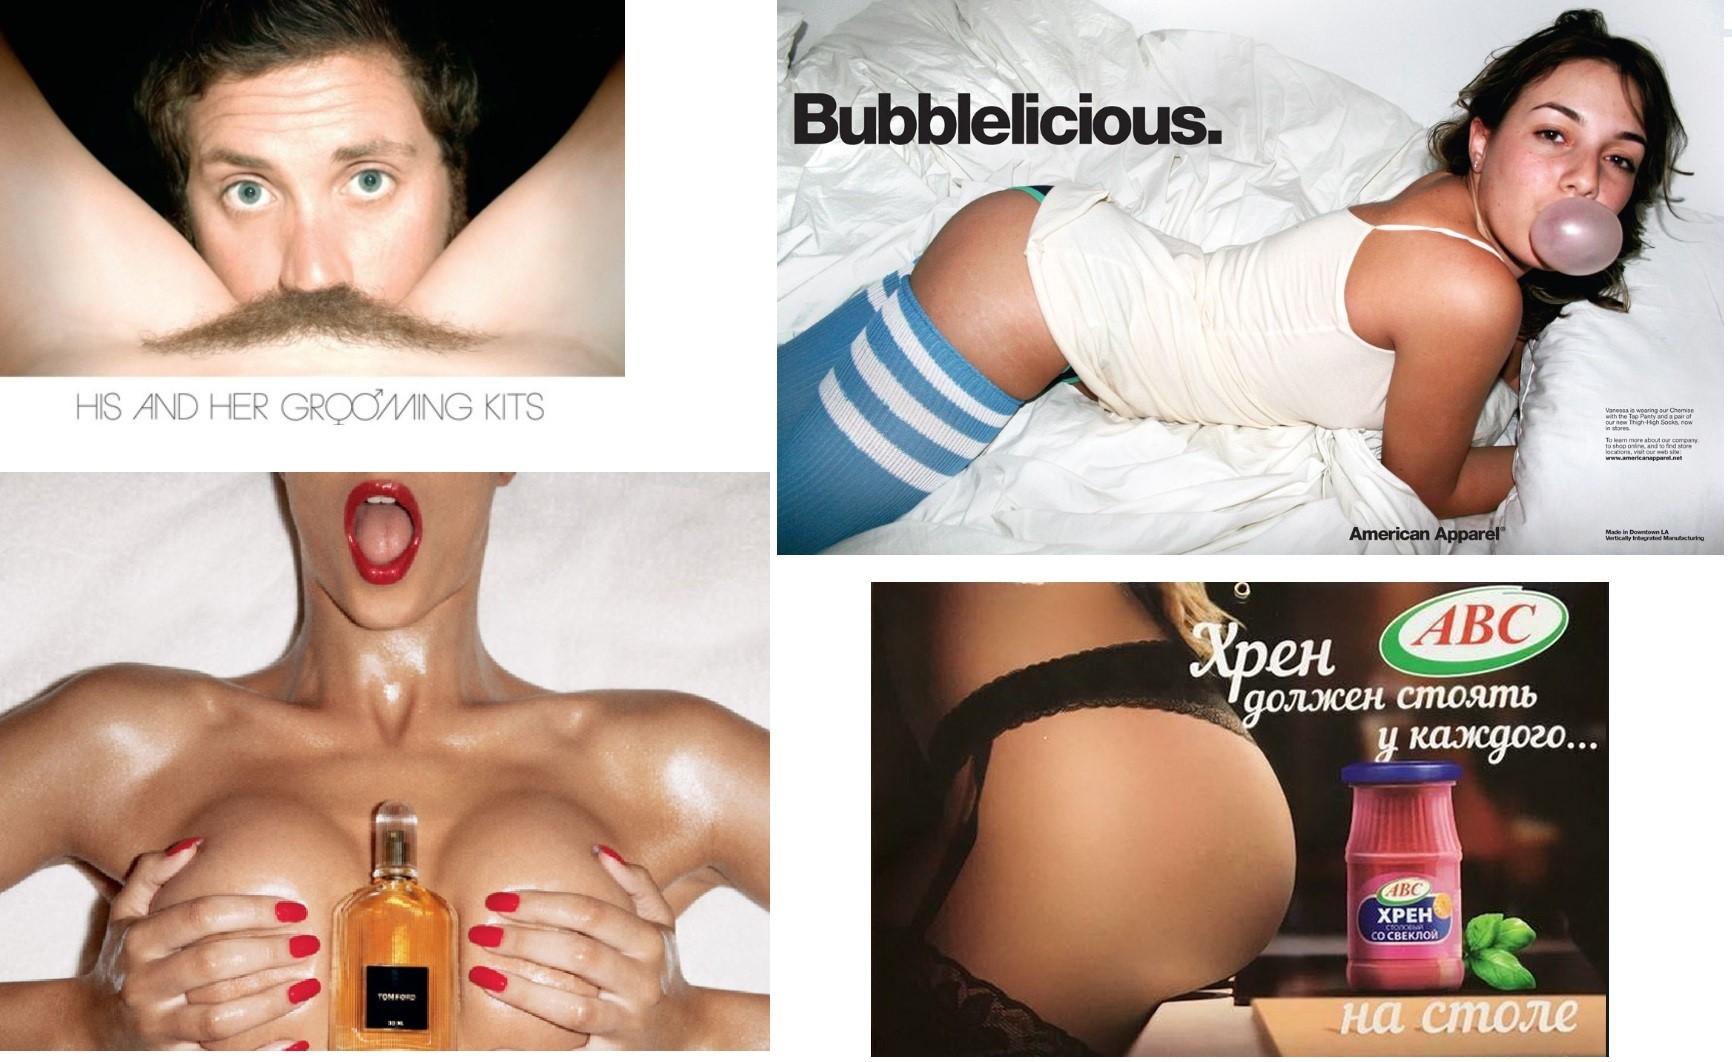 Примеры сексуального подтекста в рекламе.jpg